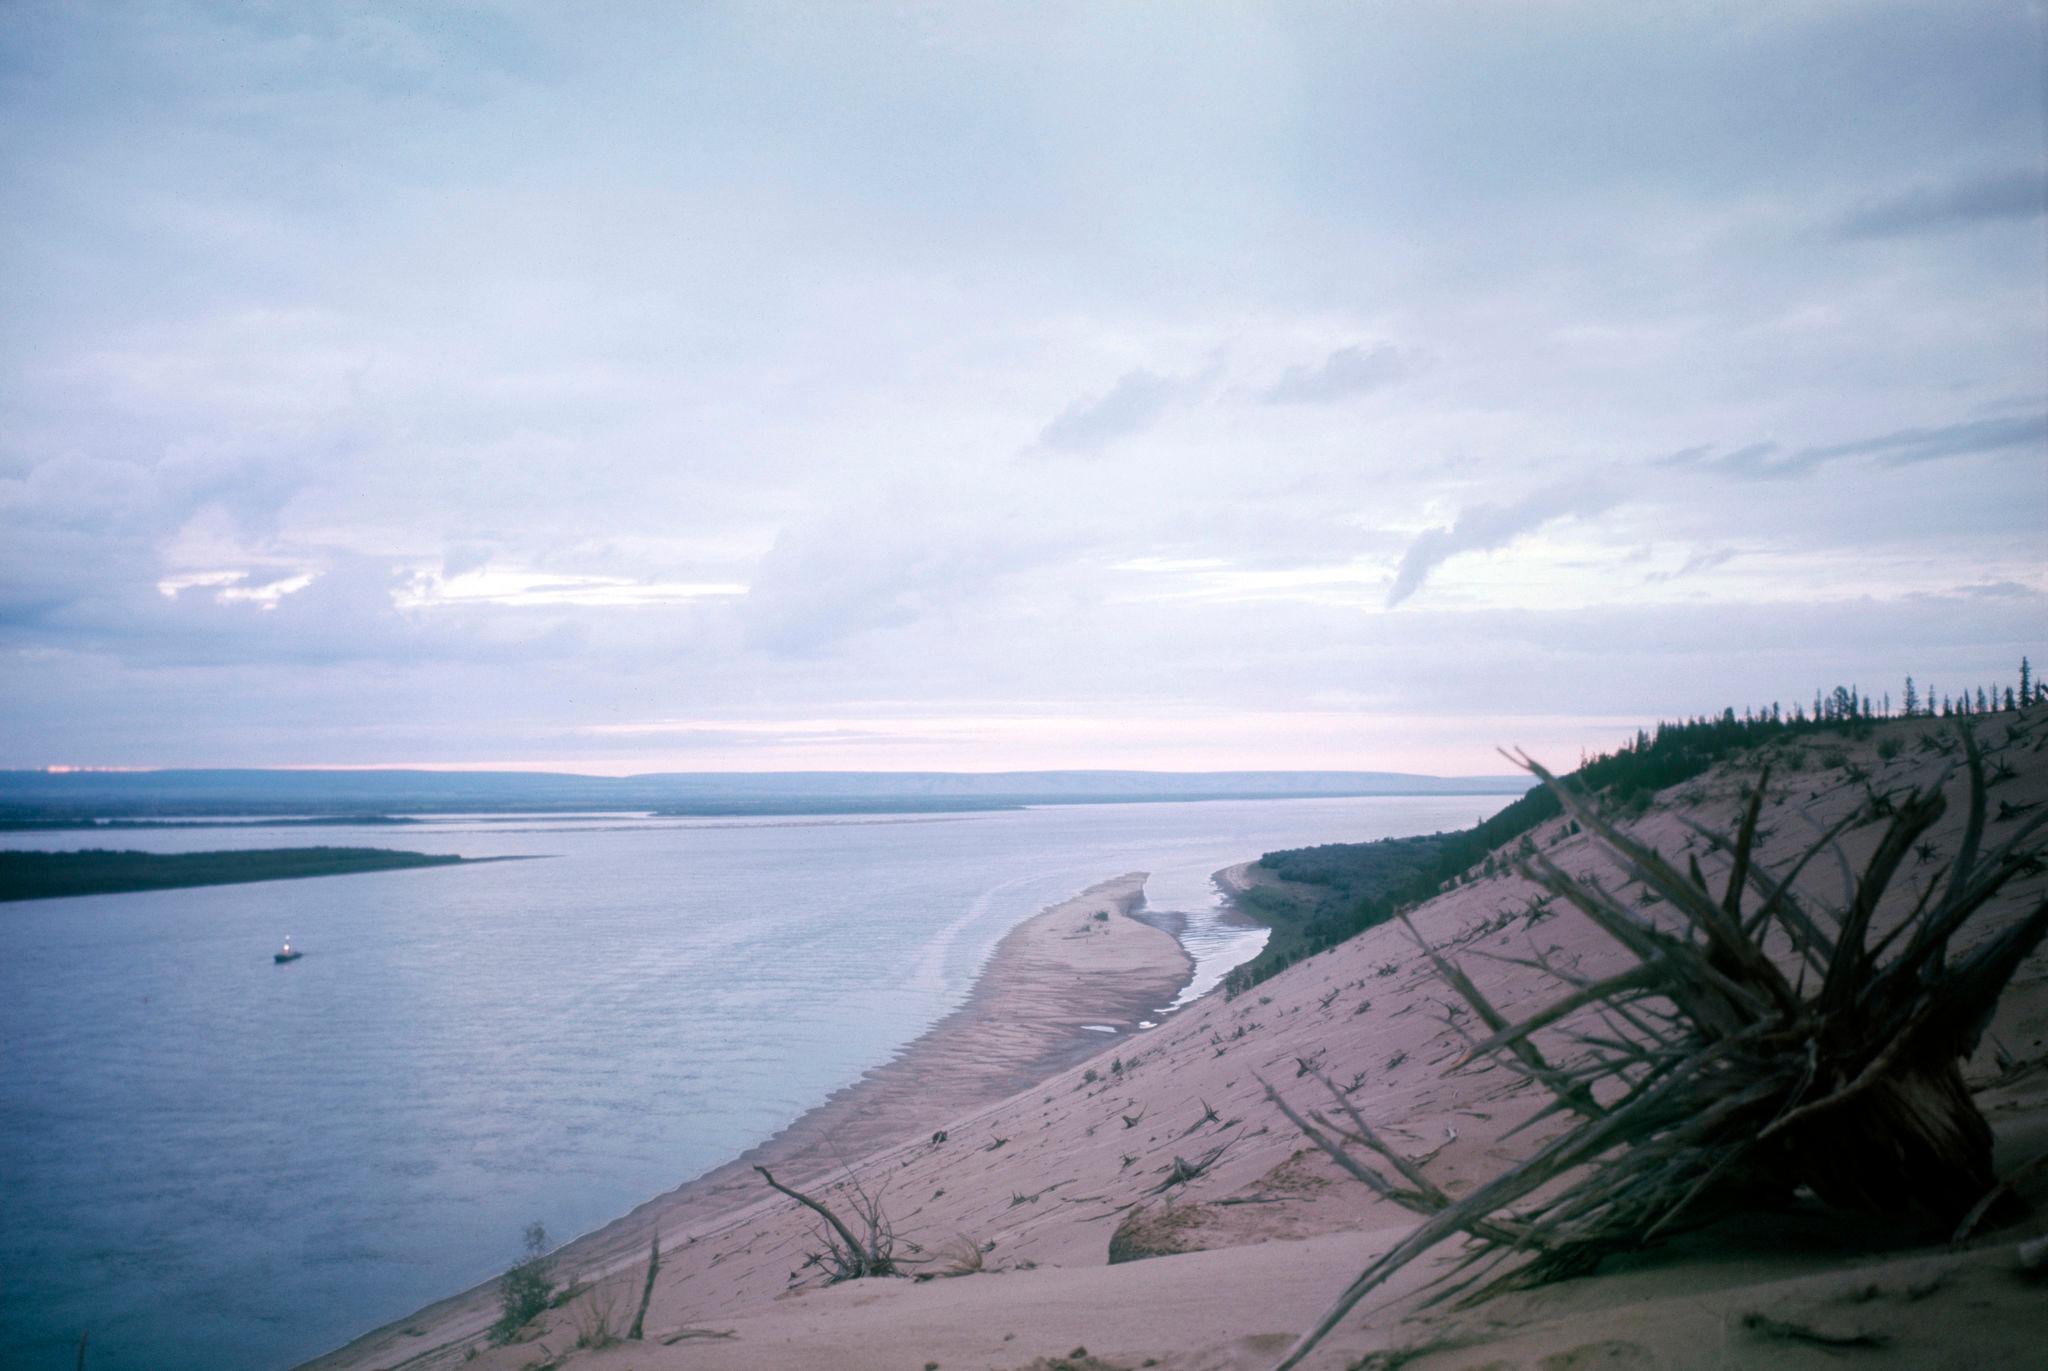 1970-е. Песчаные дюны на берегу верхней Лены